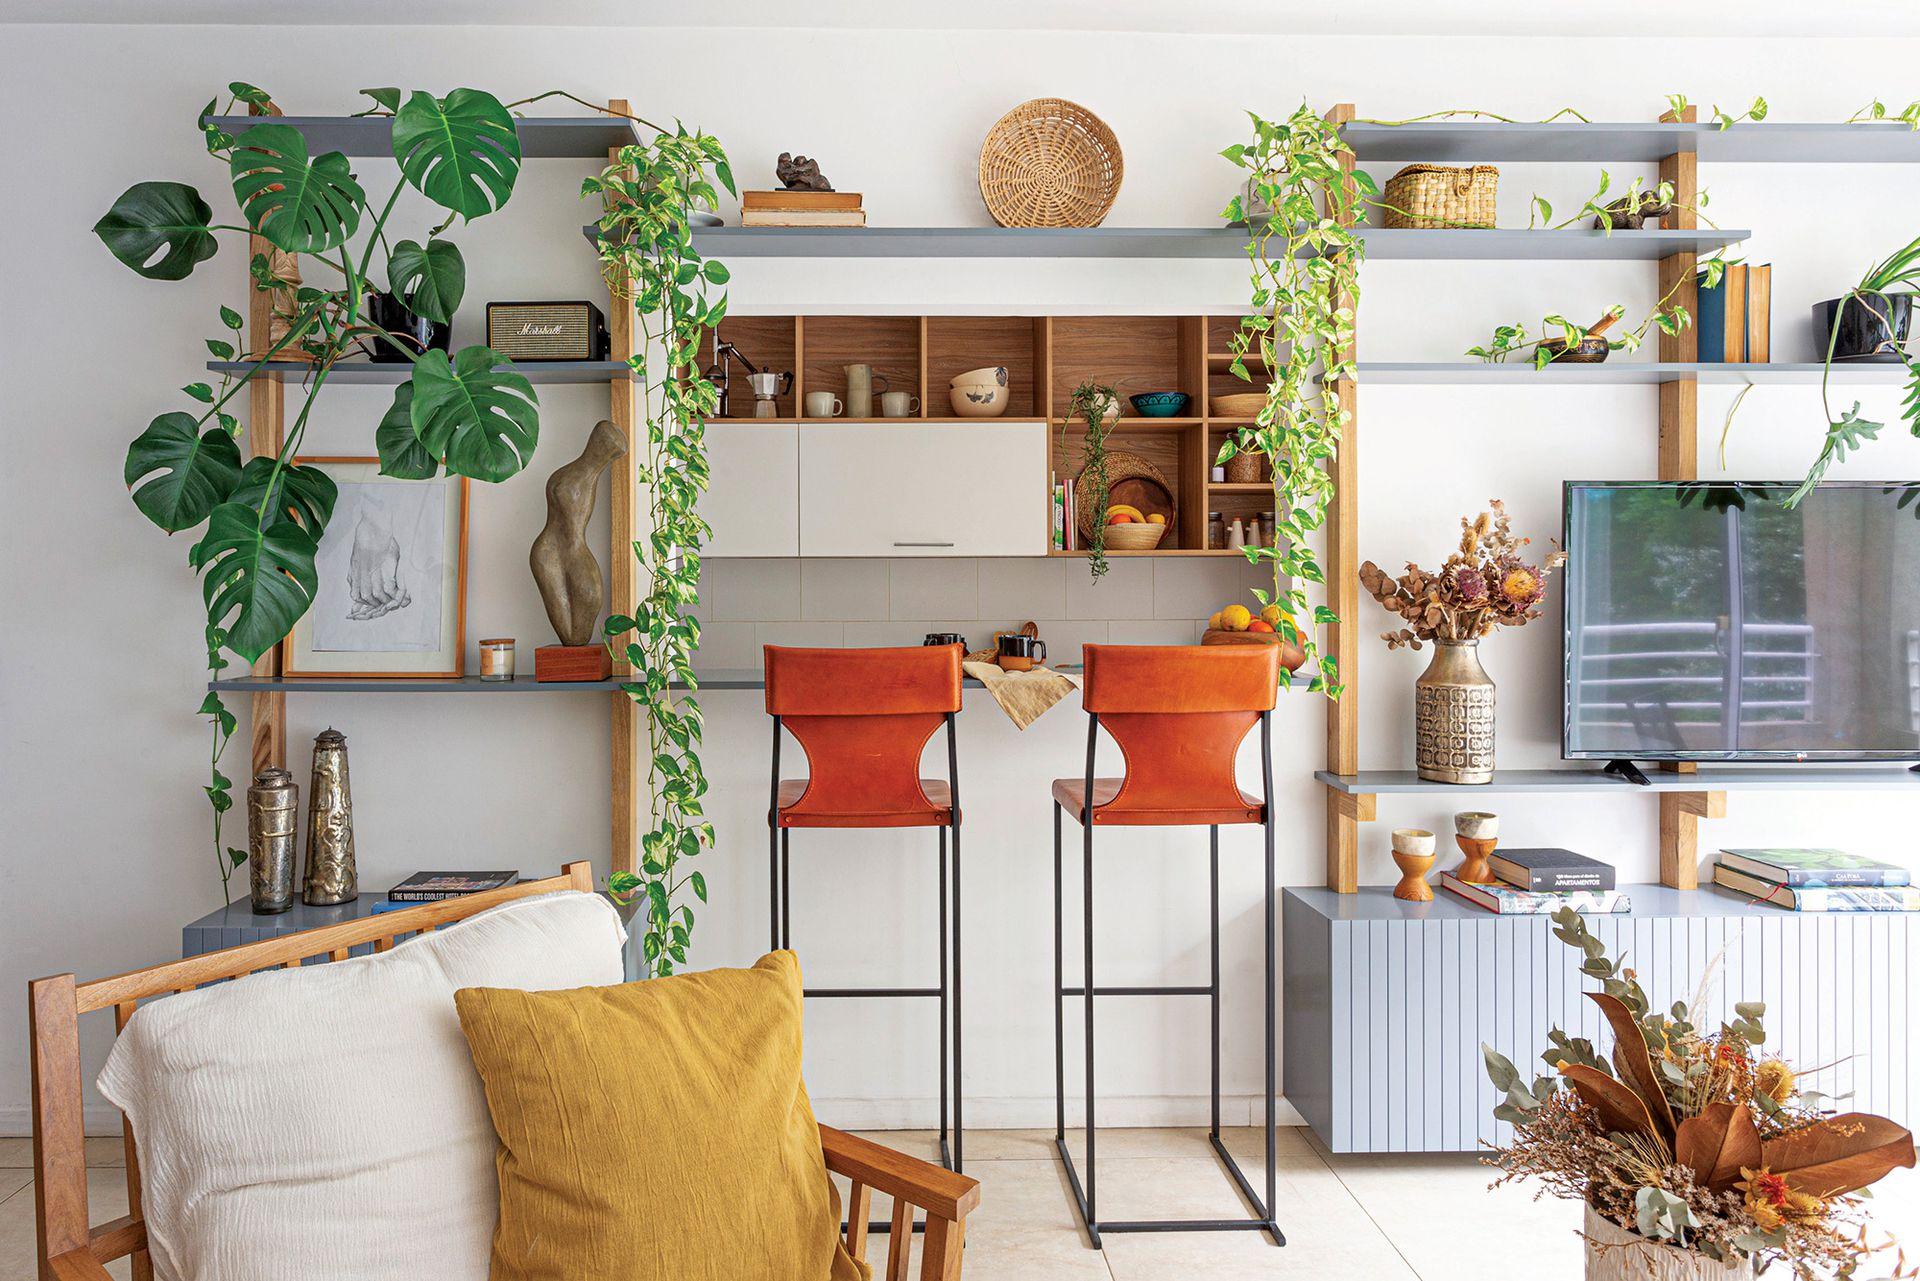 Cuadro (@tachabustillo). Escultura (Ana Colmegna). Velas, posavelas, objetos de fibras naturales y tazas (Lacroze Design Studio). Jarrón (Desde Asia) con flores secas (G&C Ambientaciones).